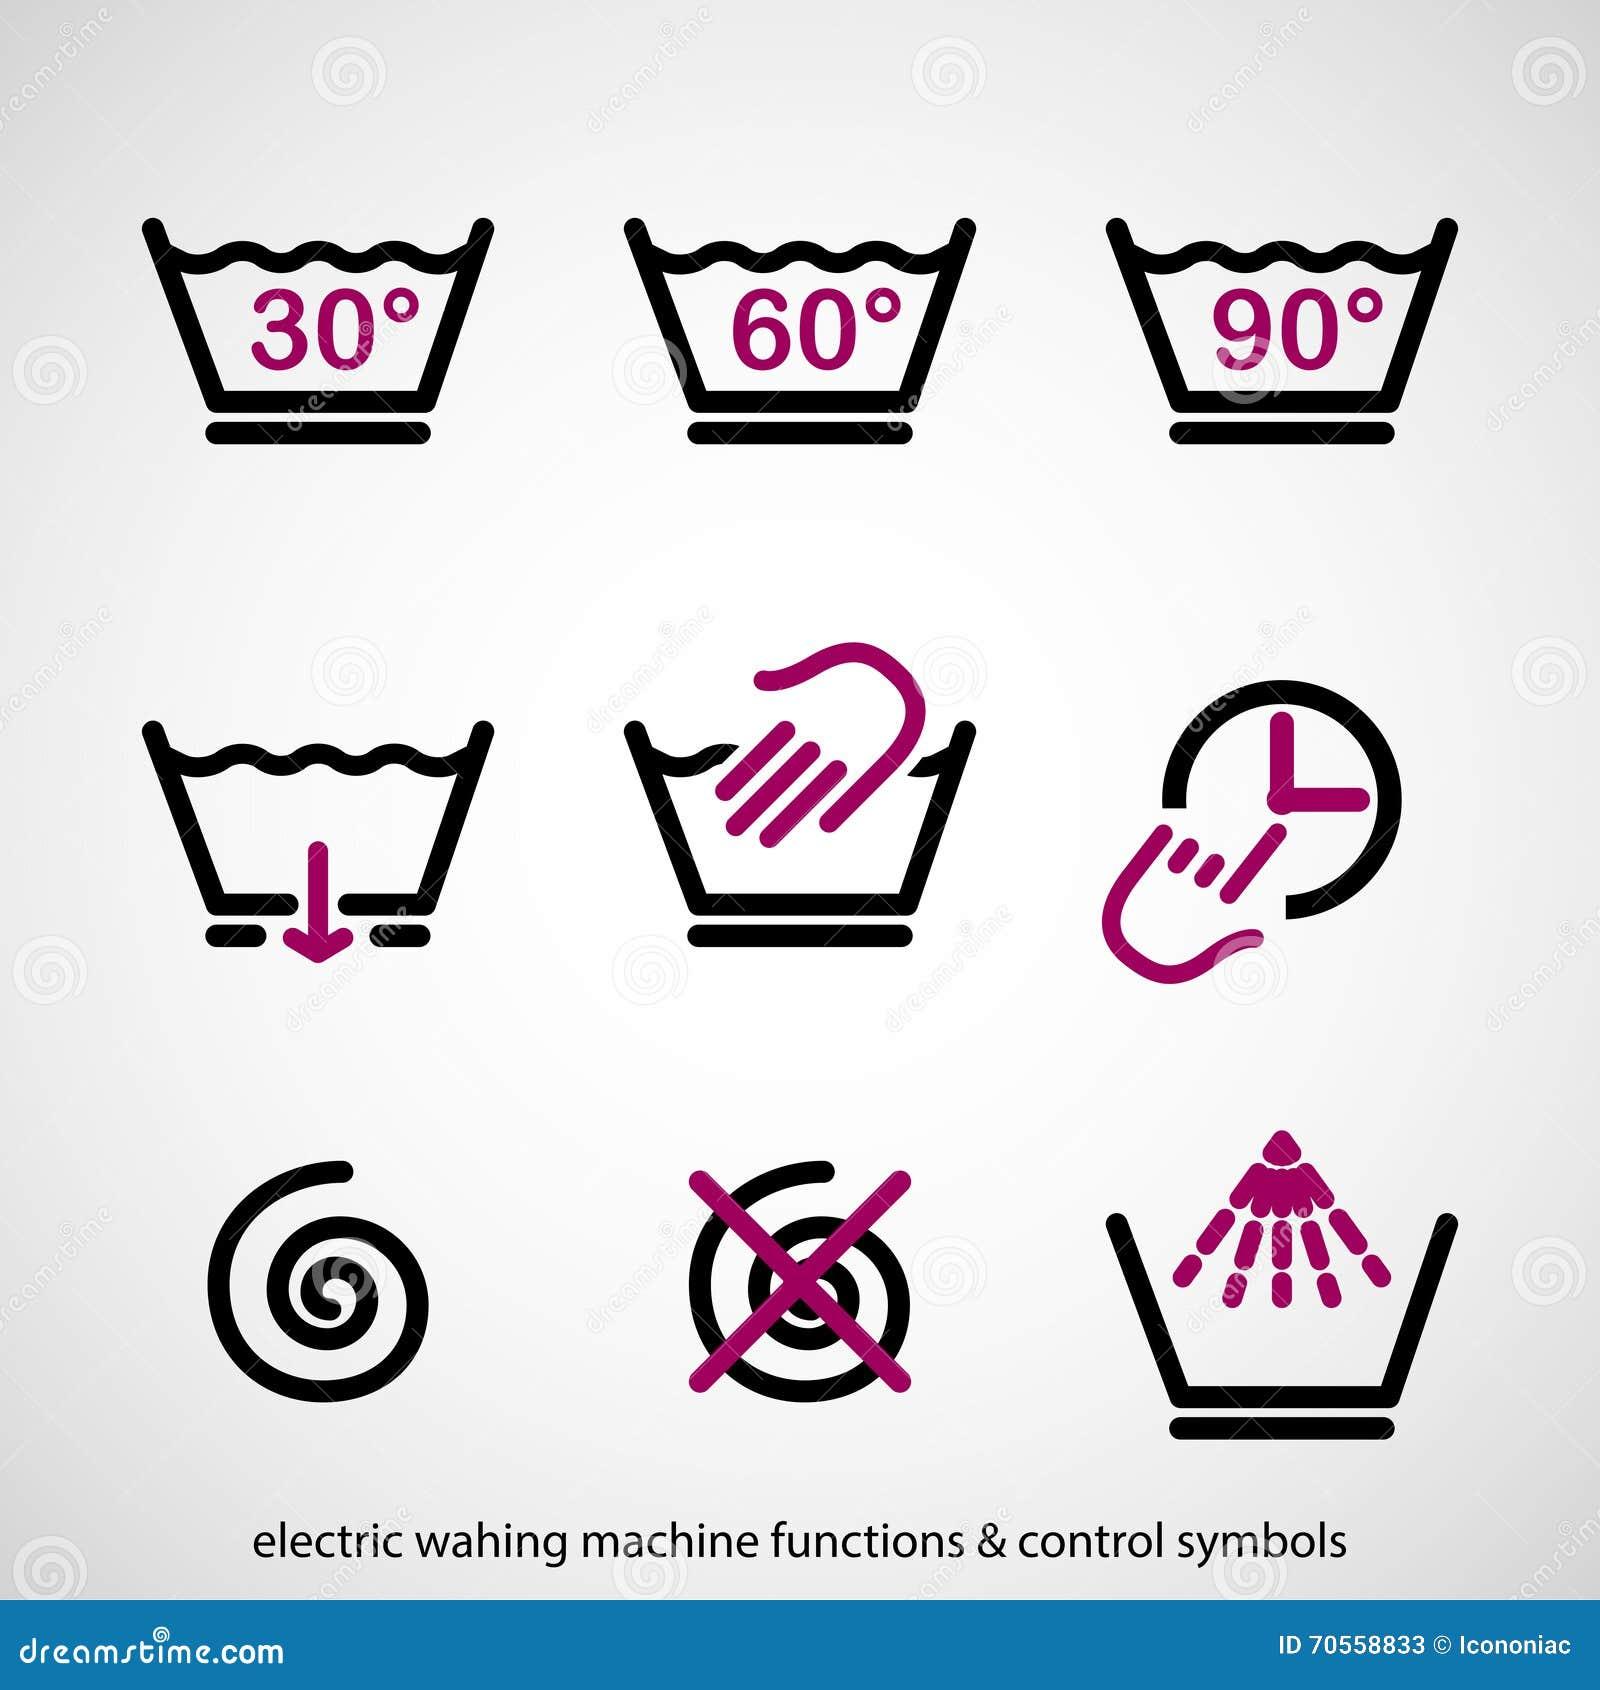 funzioni della lavatrice simboli di controllo elettrici illustrazione vettoriale immagine. Black Bedroom Furniture Sets. Home Design Ideas